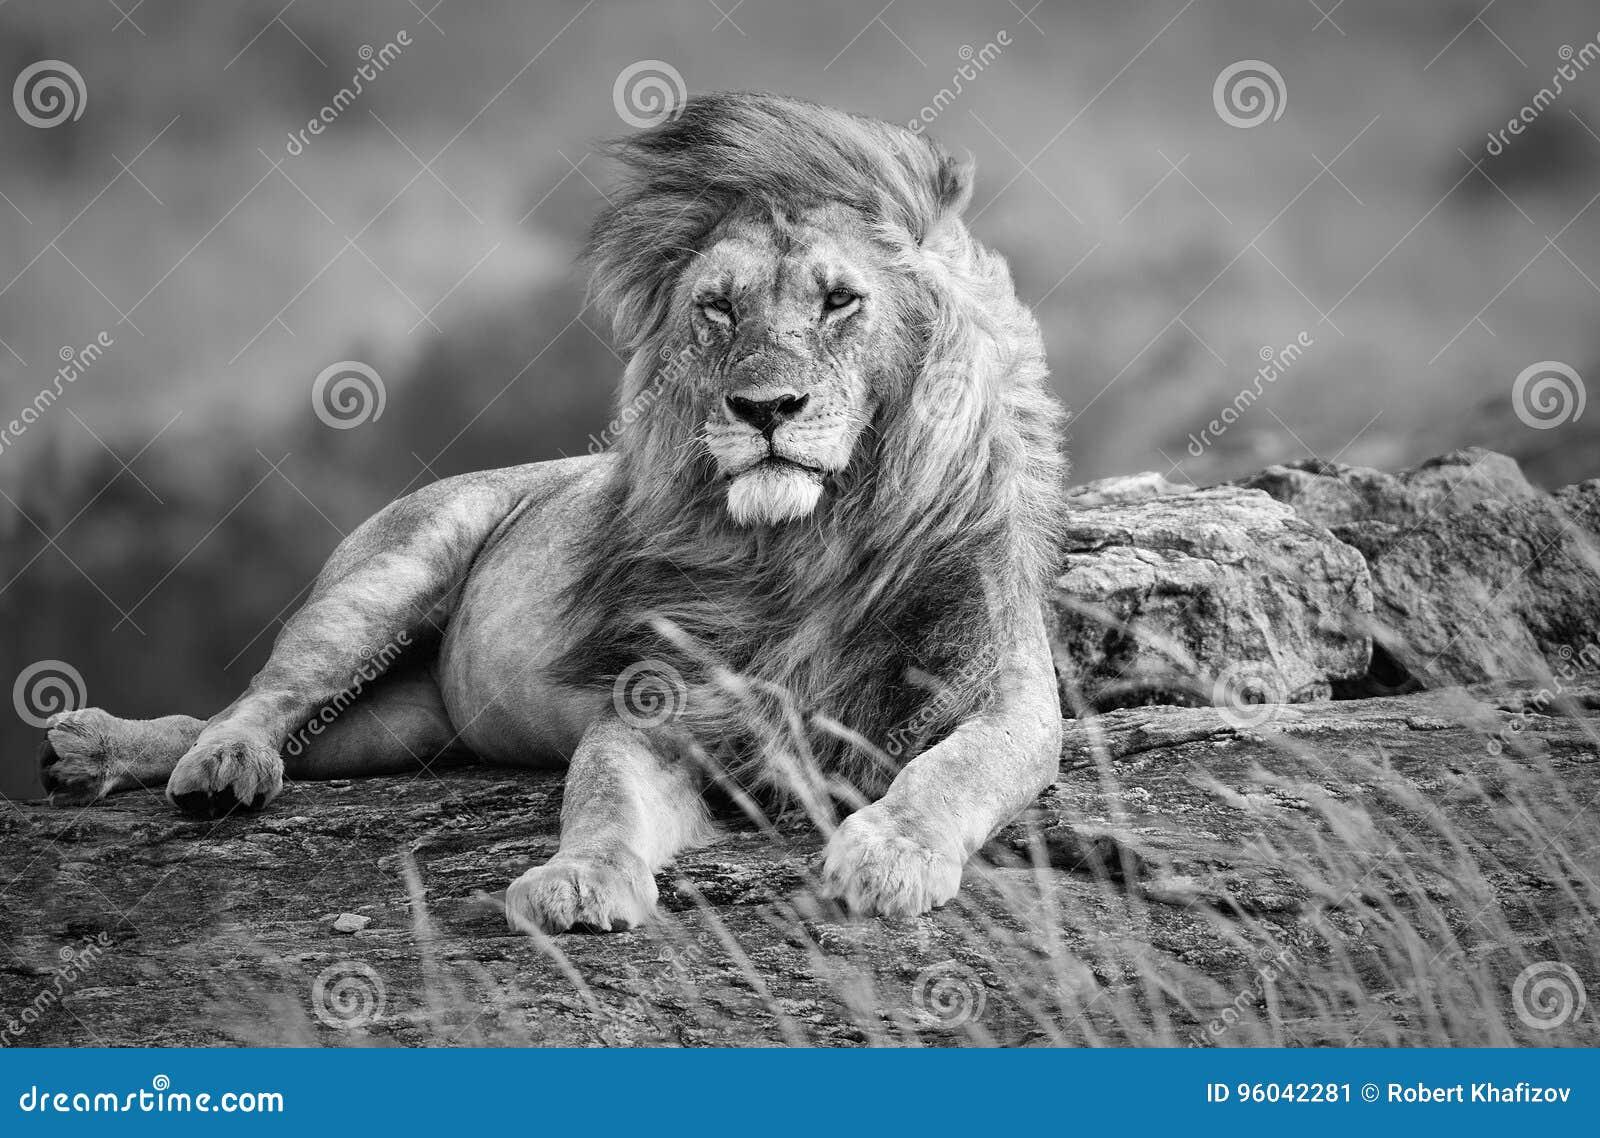 Możny i piękny lew odpoczywa w Afrykańskiej sawannie, czarny i biały